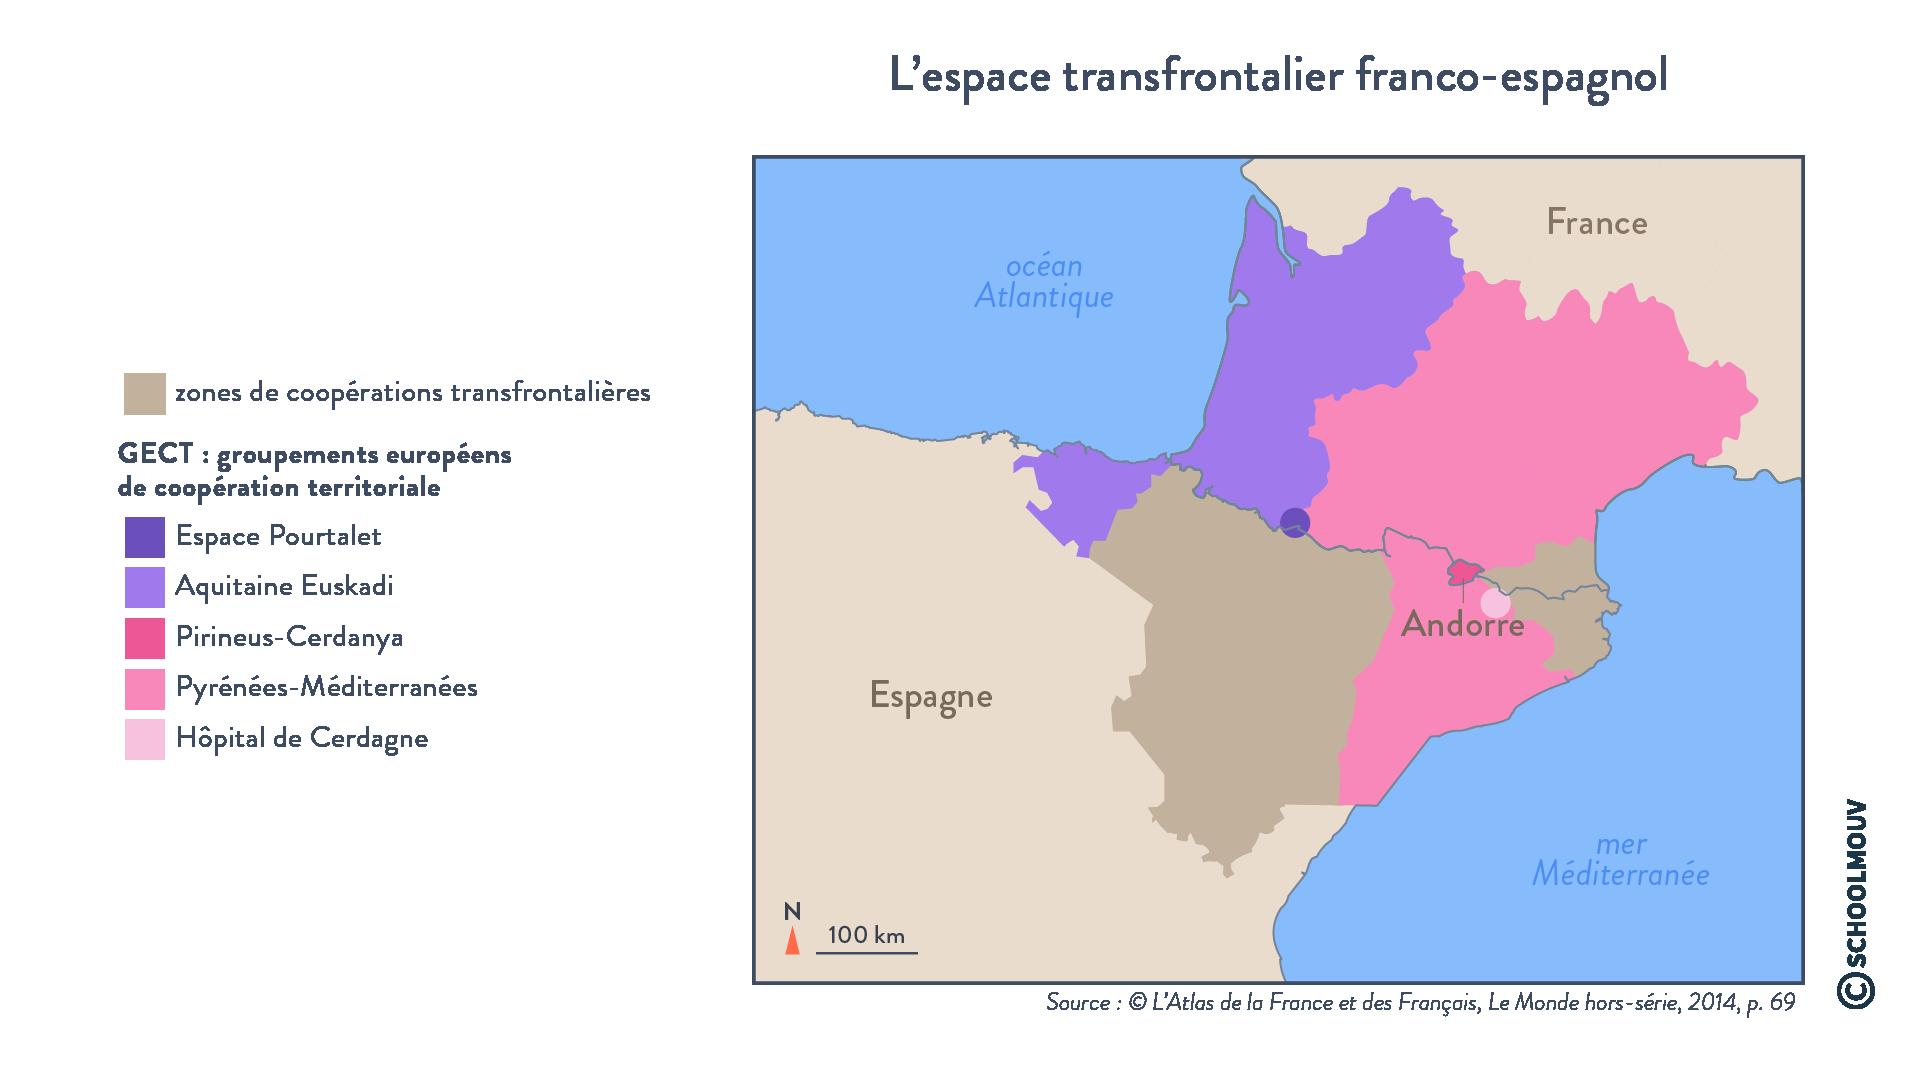 L'espace transfrontalier franco-espagnol - Géographie - Terminale - SchoolMouv